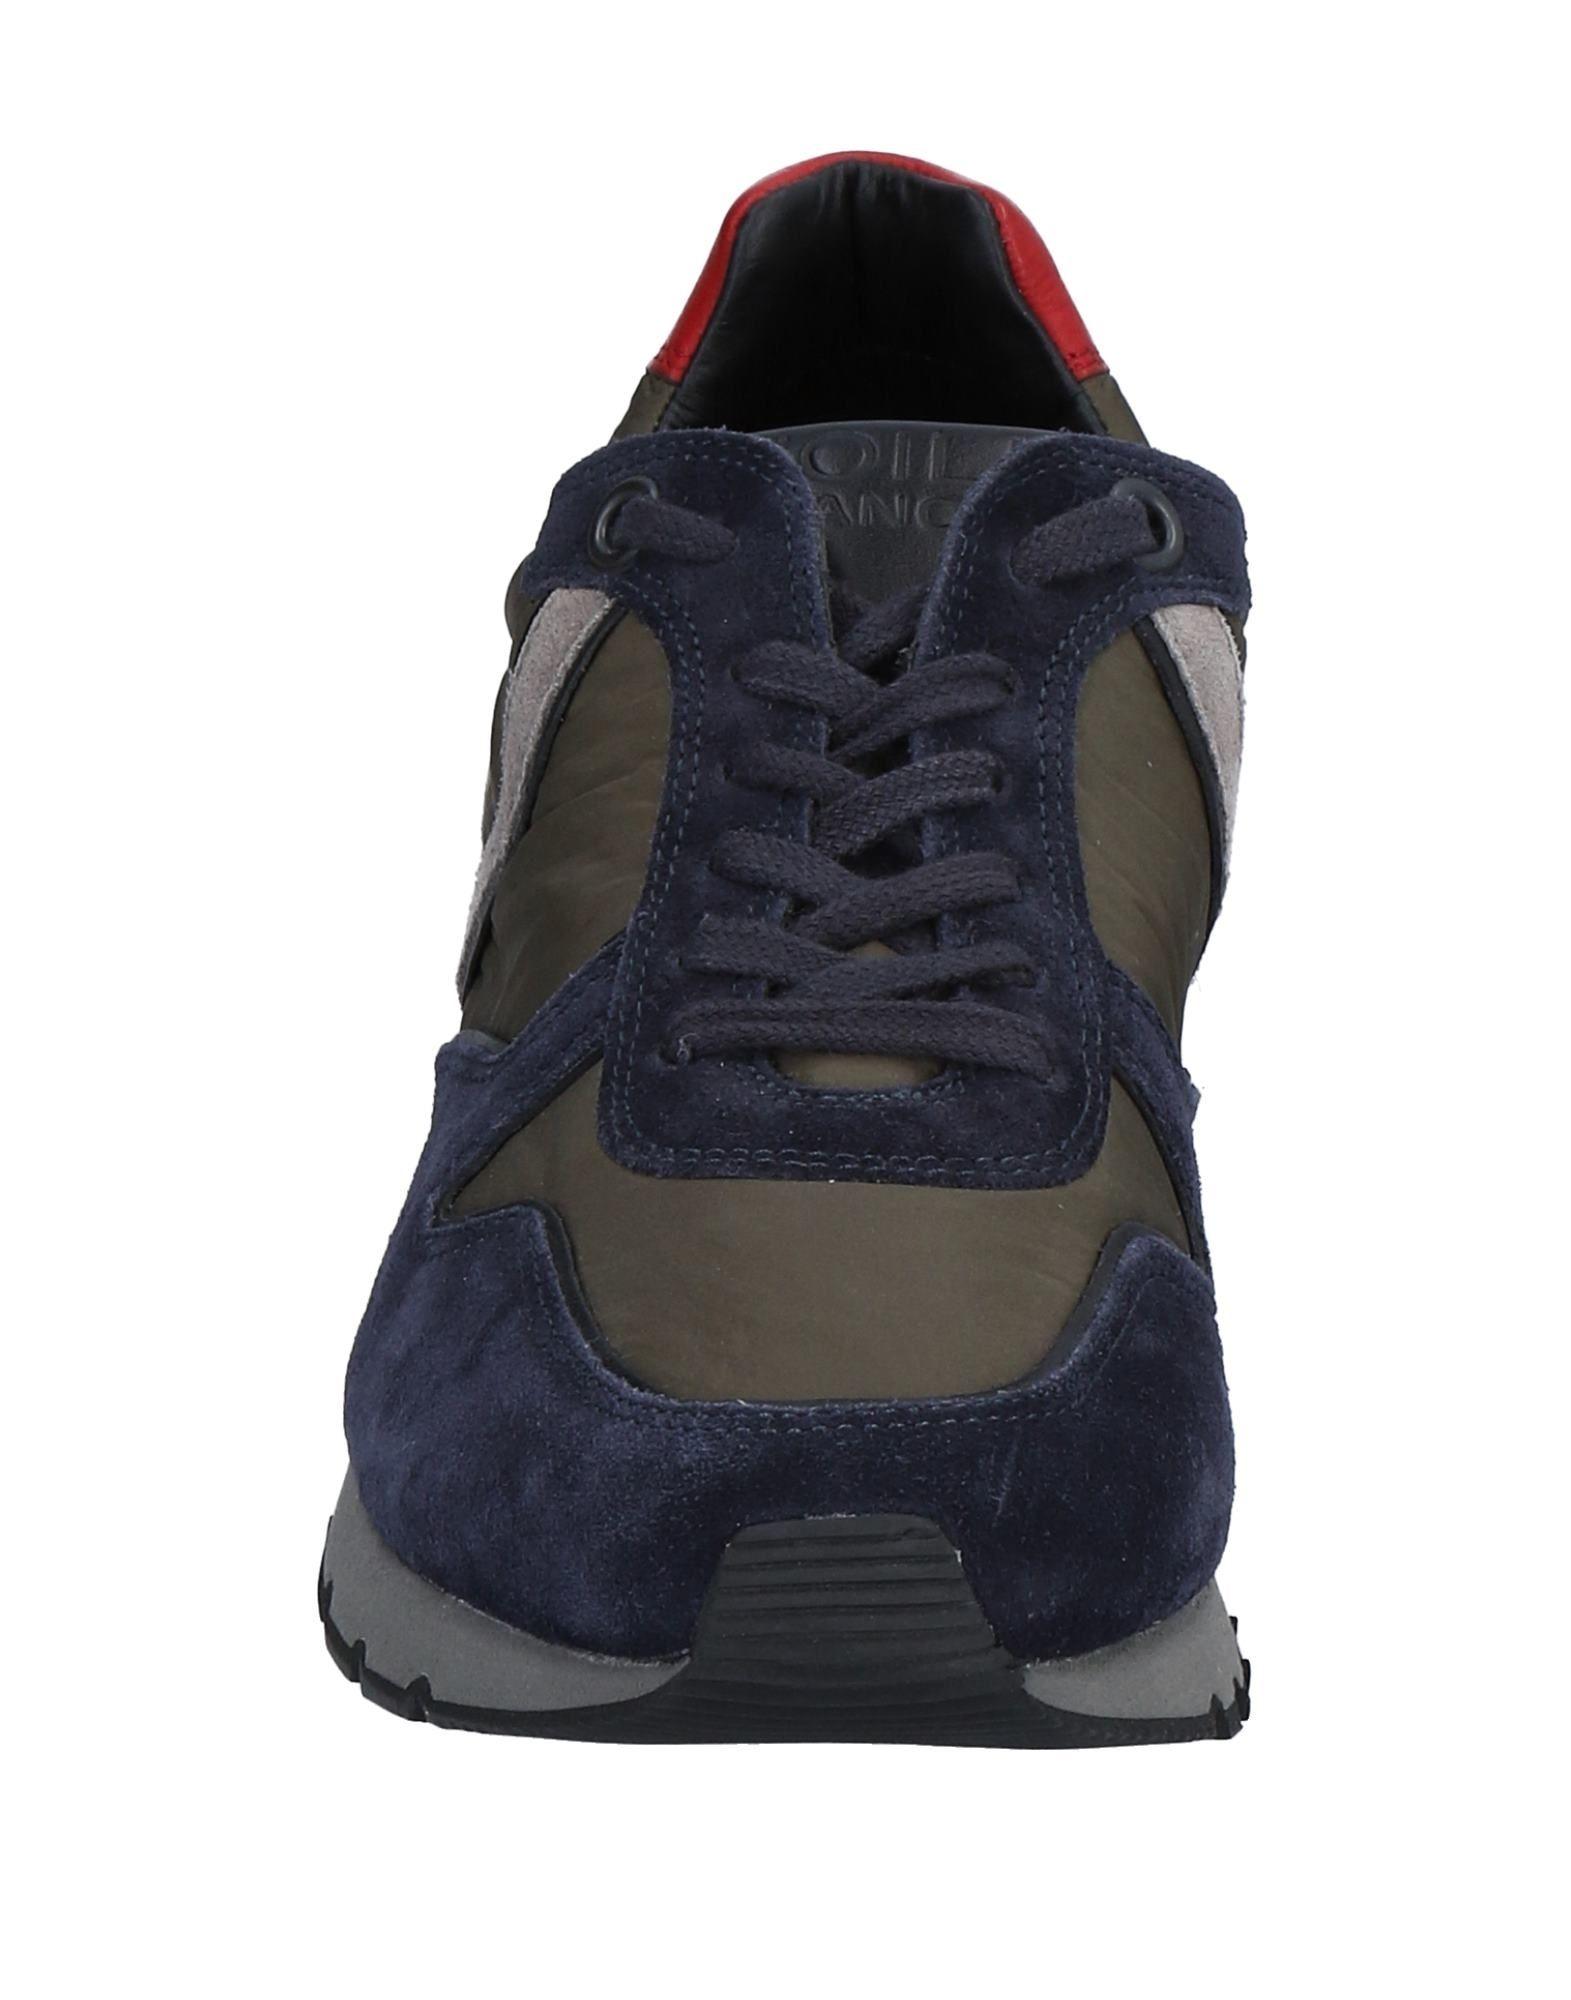 Voile Blanche Sneakers Herren  11535605VV 11535605VV  1675eb